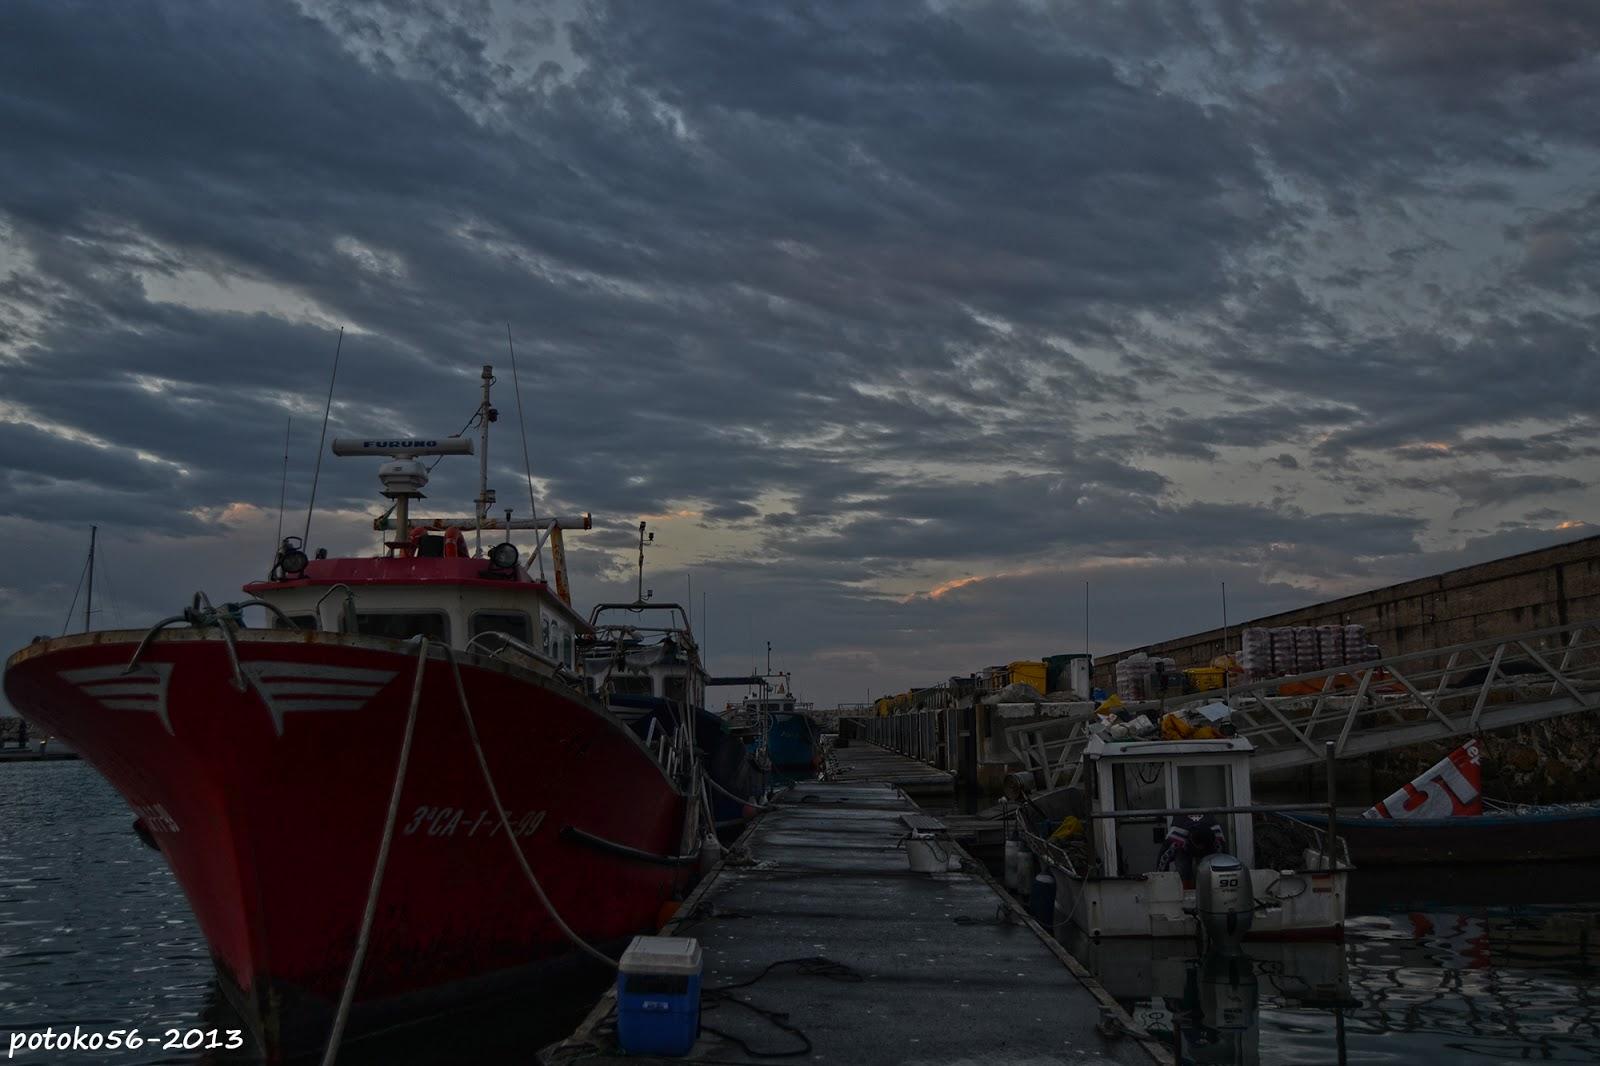 Pantalanes y barcos en el muelle de Rota